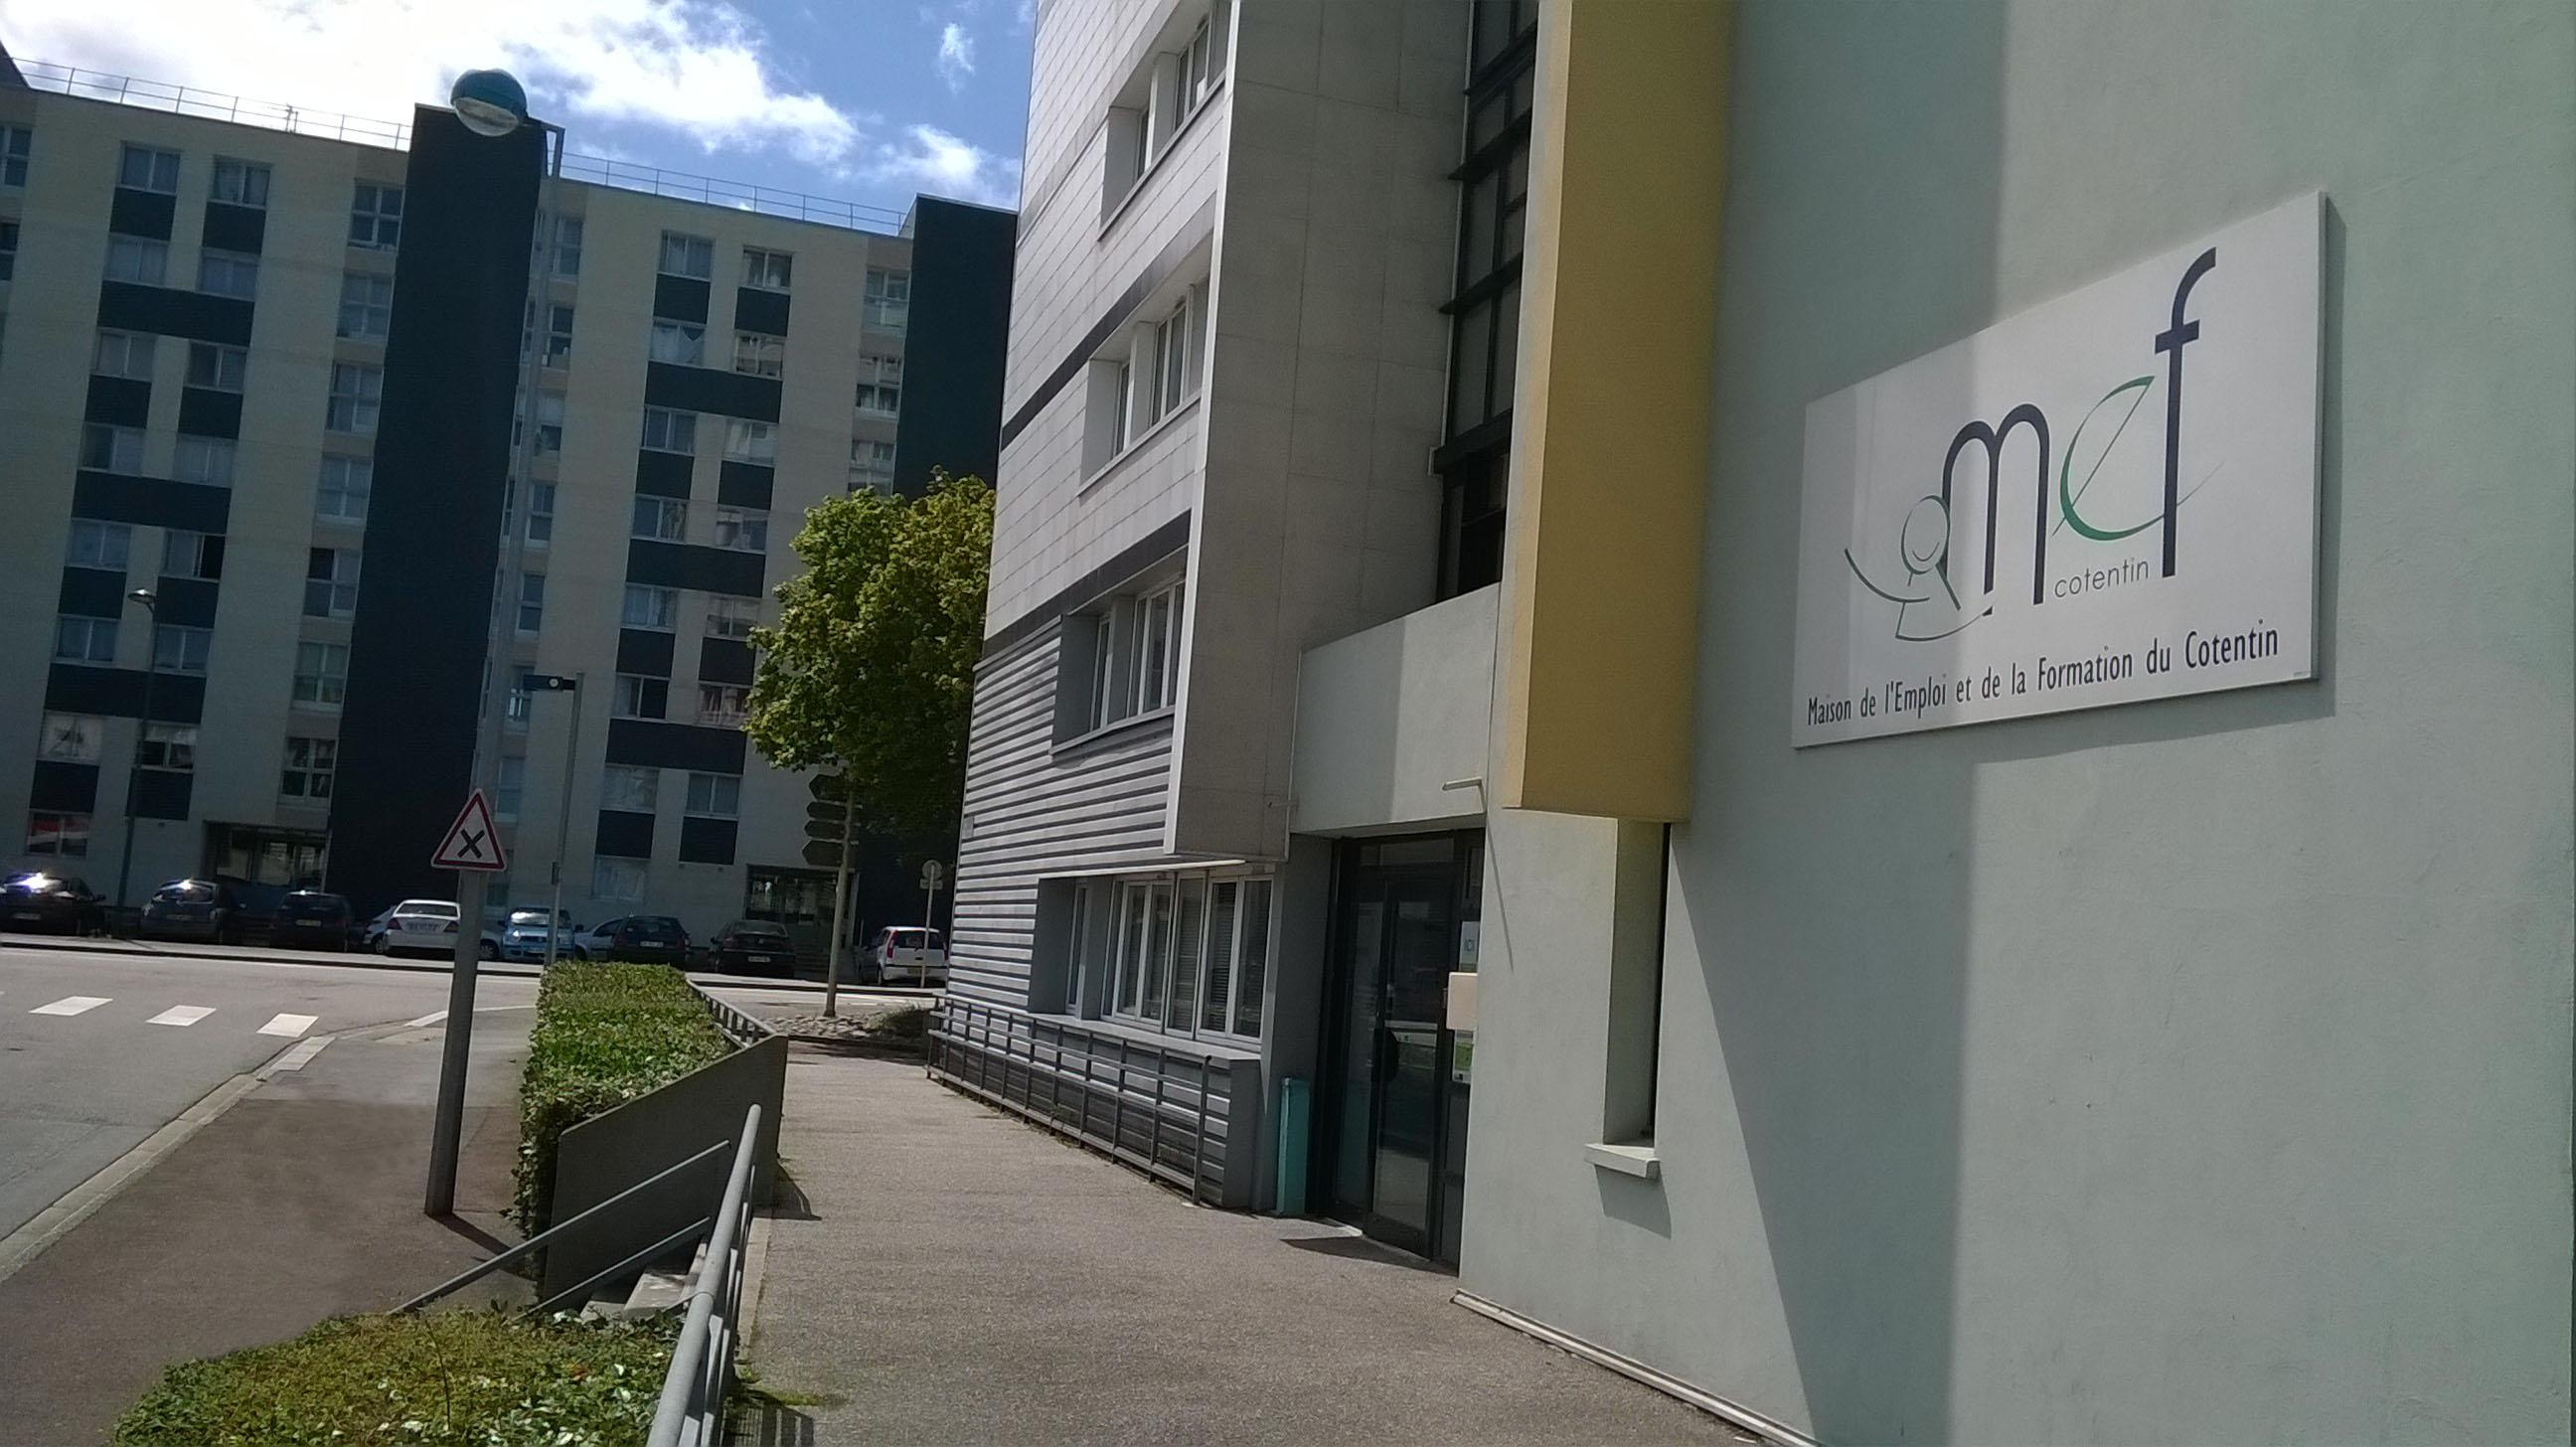 Fermeture de la MEF du Cotentin